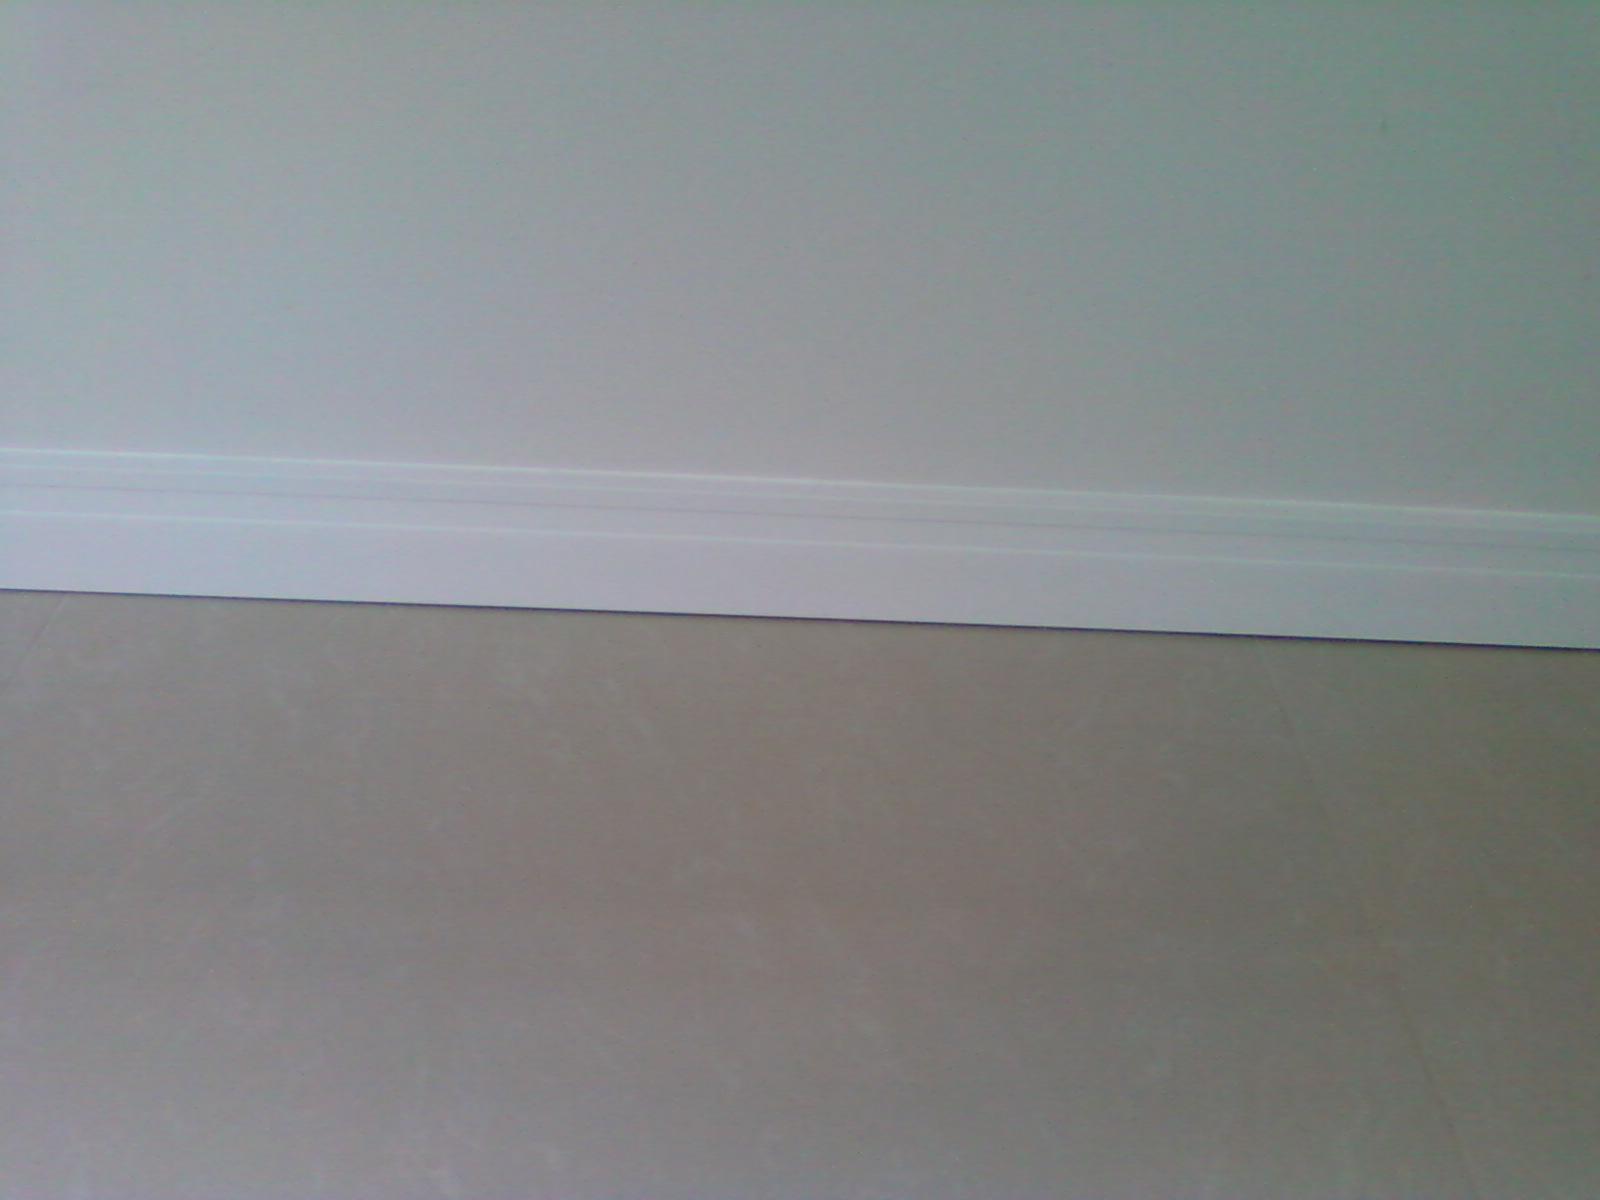 Piso Porcelanato Branco Cozinha Americana Com Piso Branco  -> Sala Com O Piso Porcelanato Polido Cinza